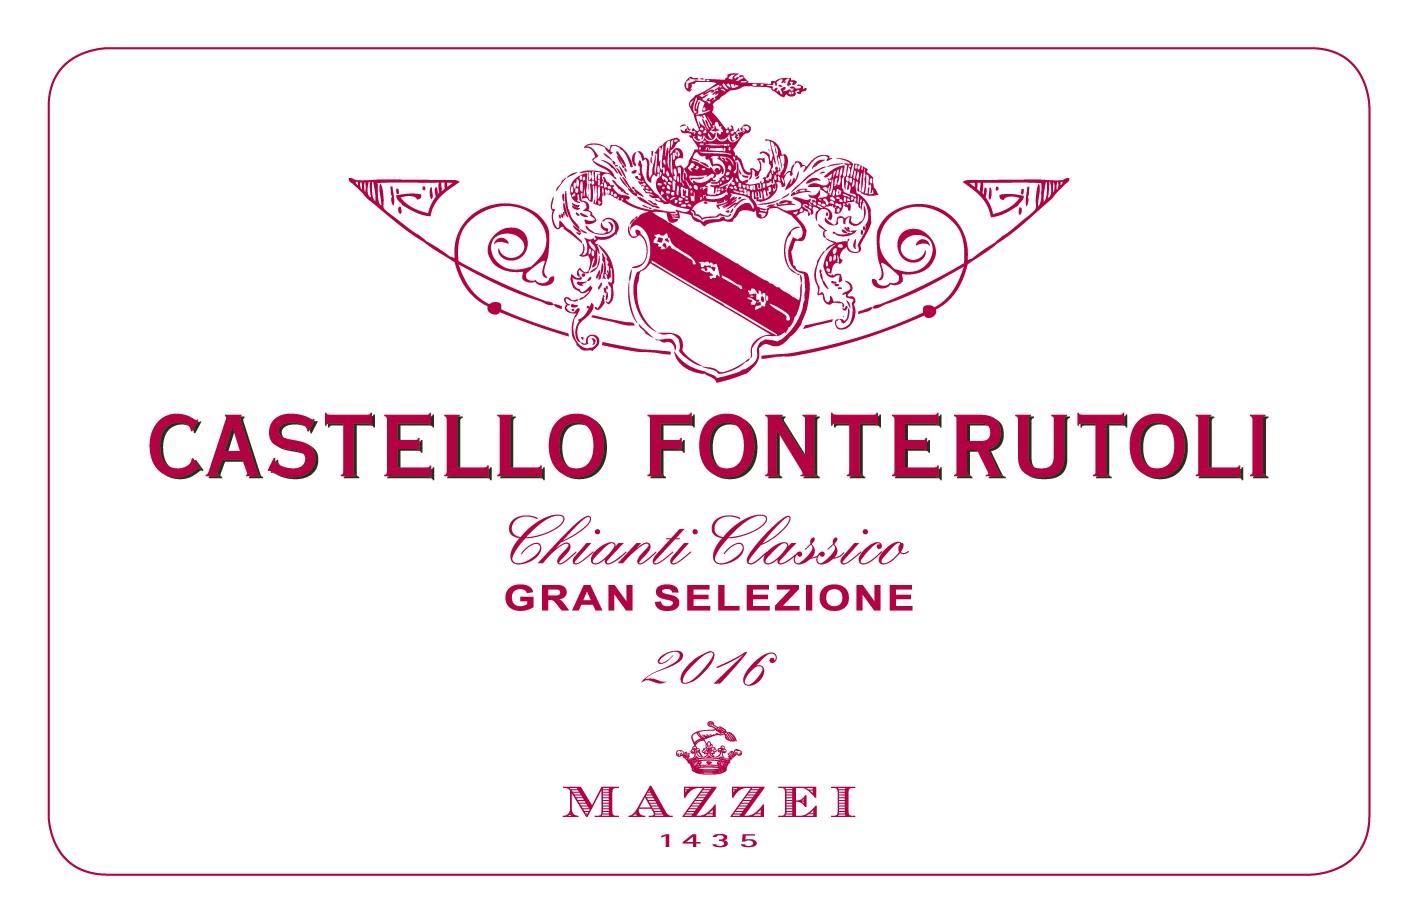 Mazzei Fonterutoli Chianti Classico Gran Selezione 2016